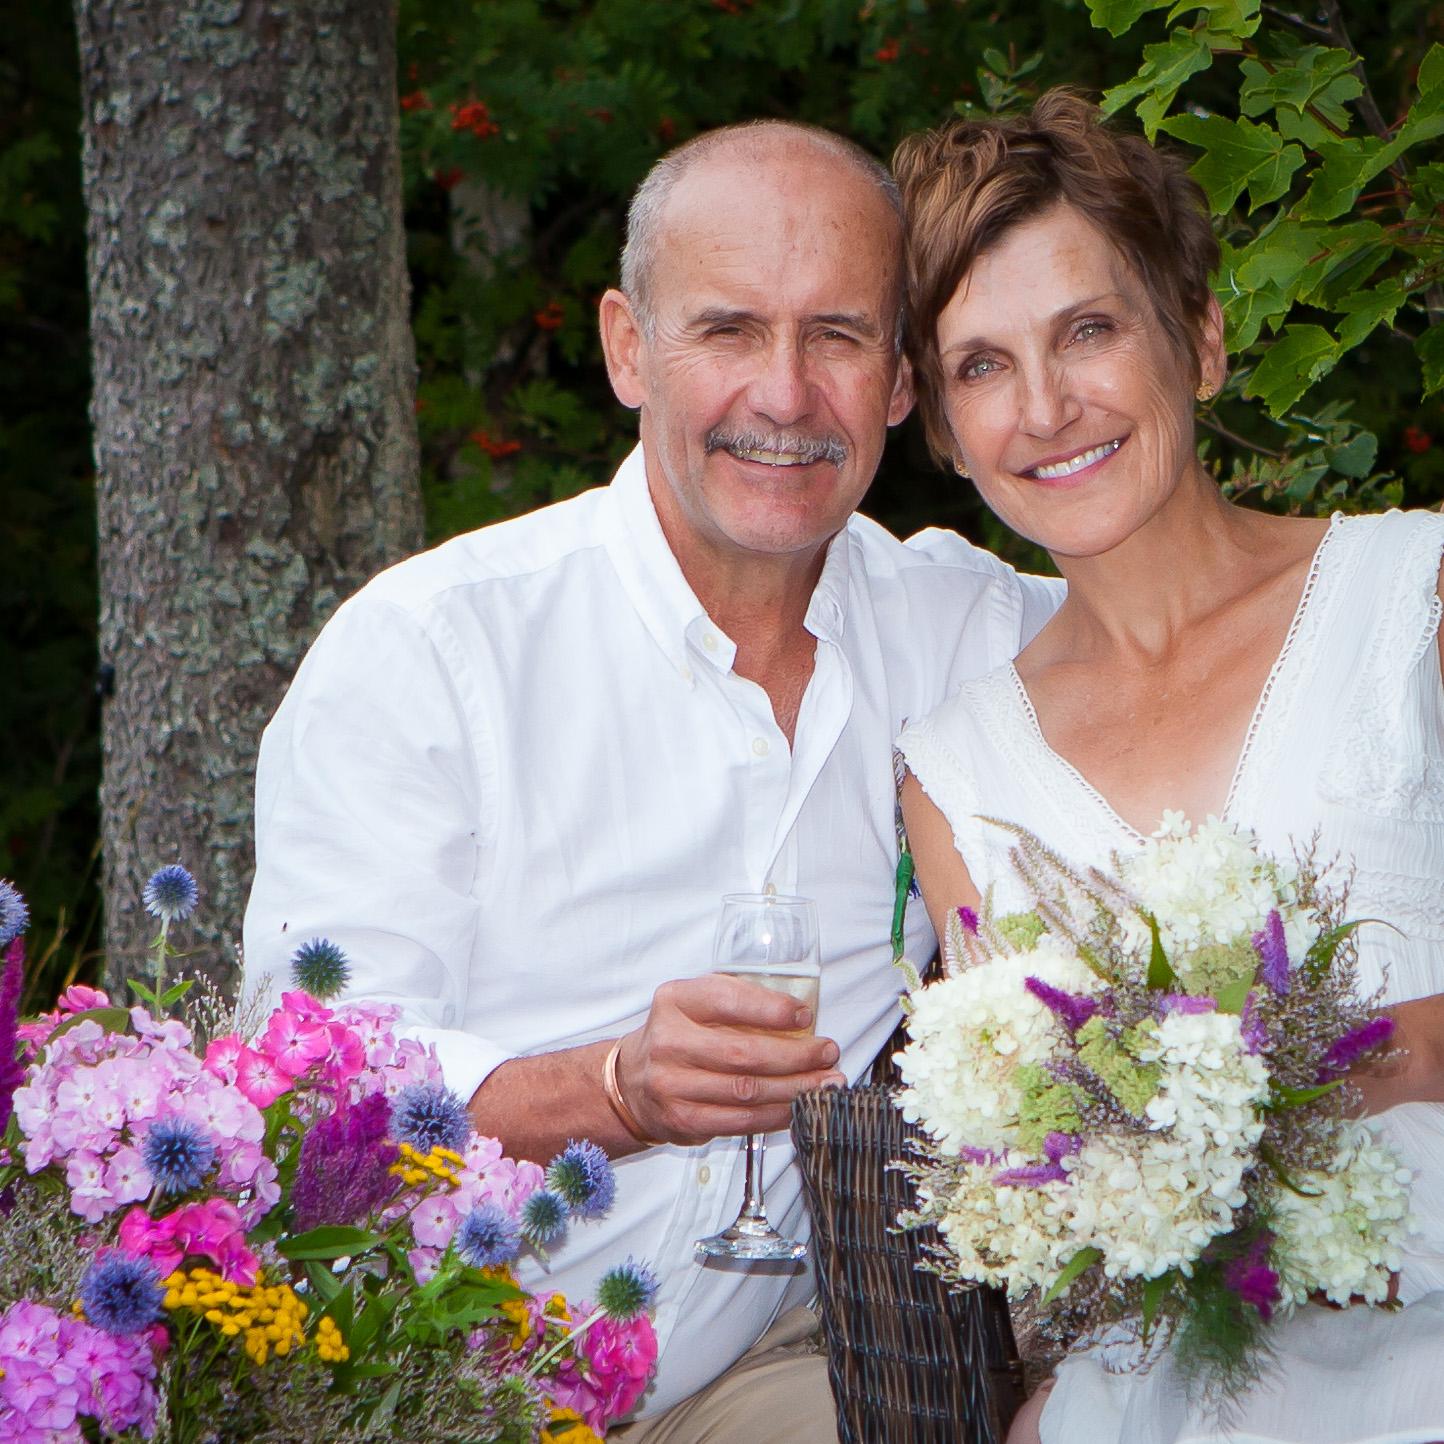 PEI Wedding Photography 9